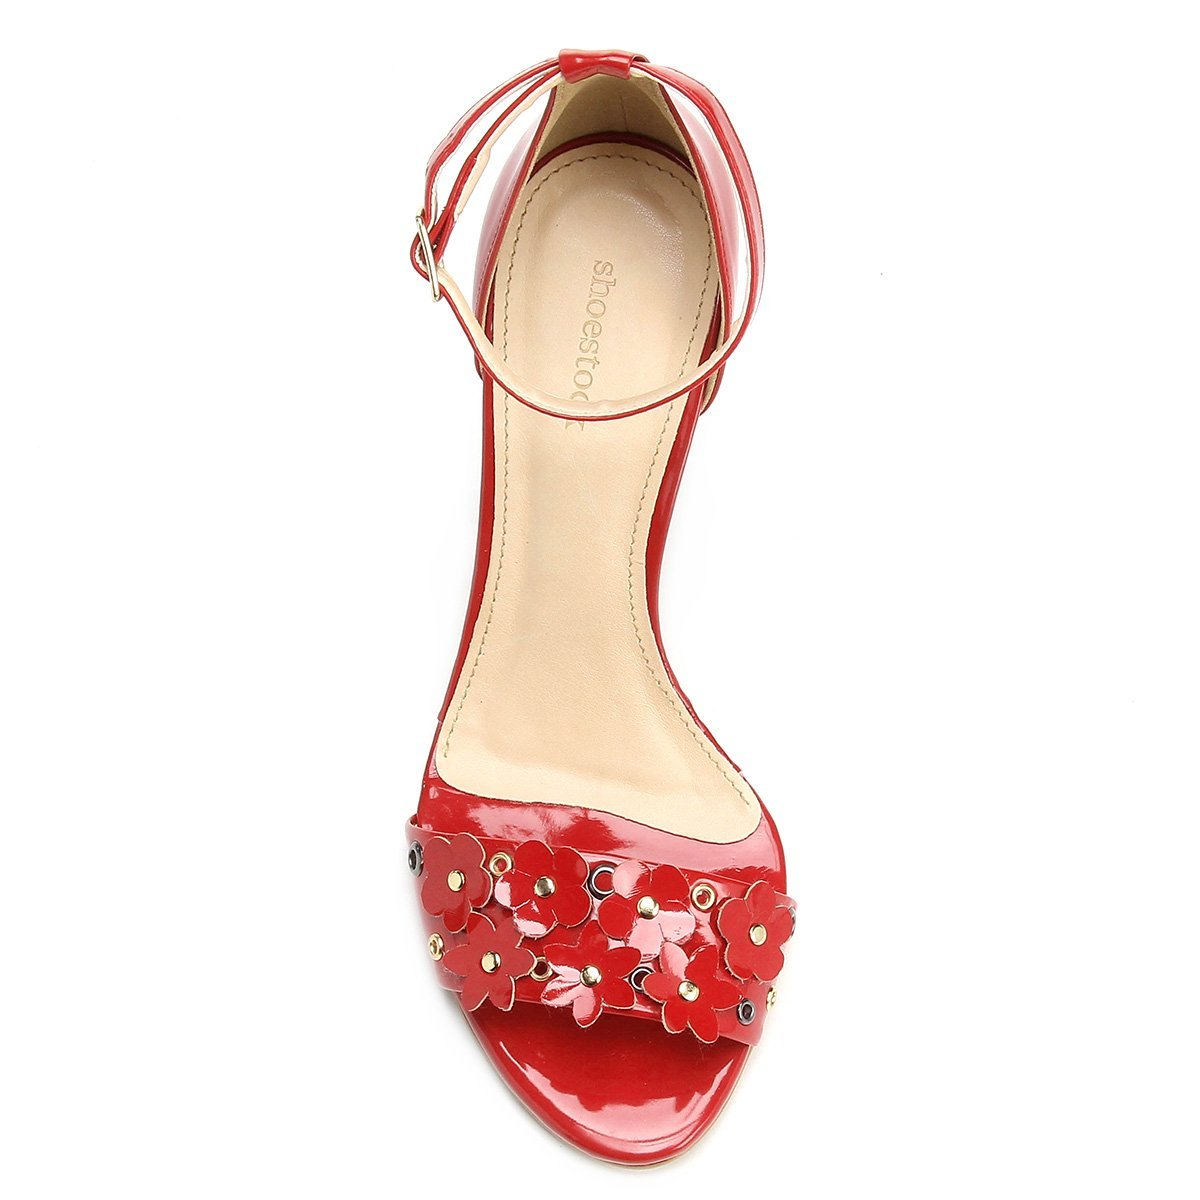 Flores Sandália Shoestock Feminina Vermelho Fino Sandália Shoestock Salto Salto p4wWxqwYAd